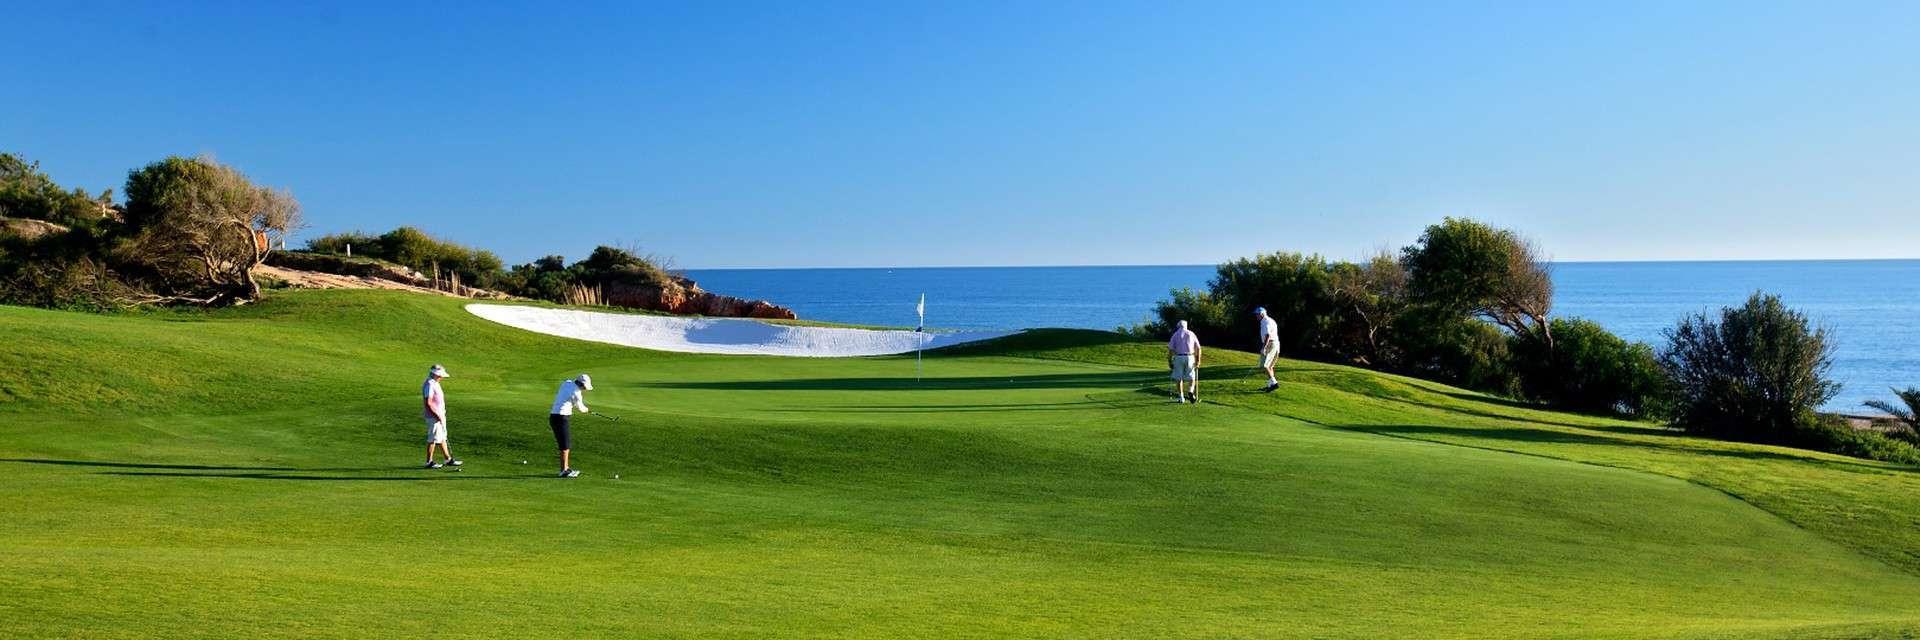 val do lobo golf course